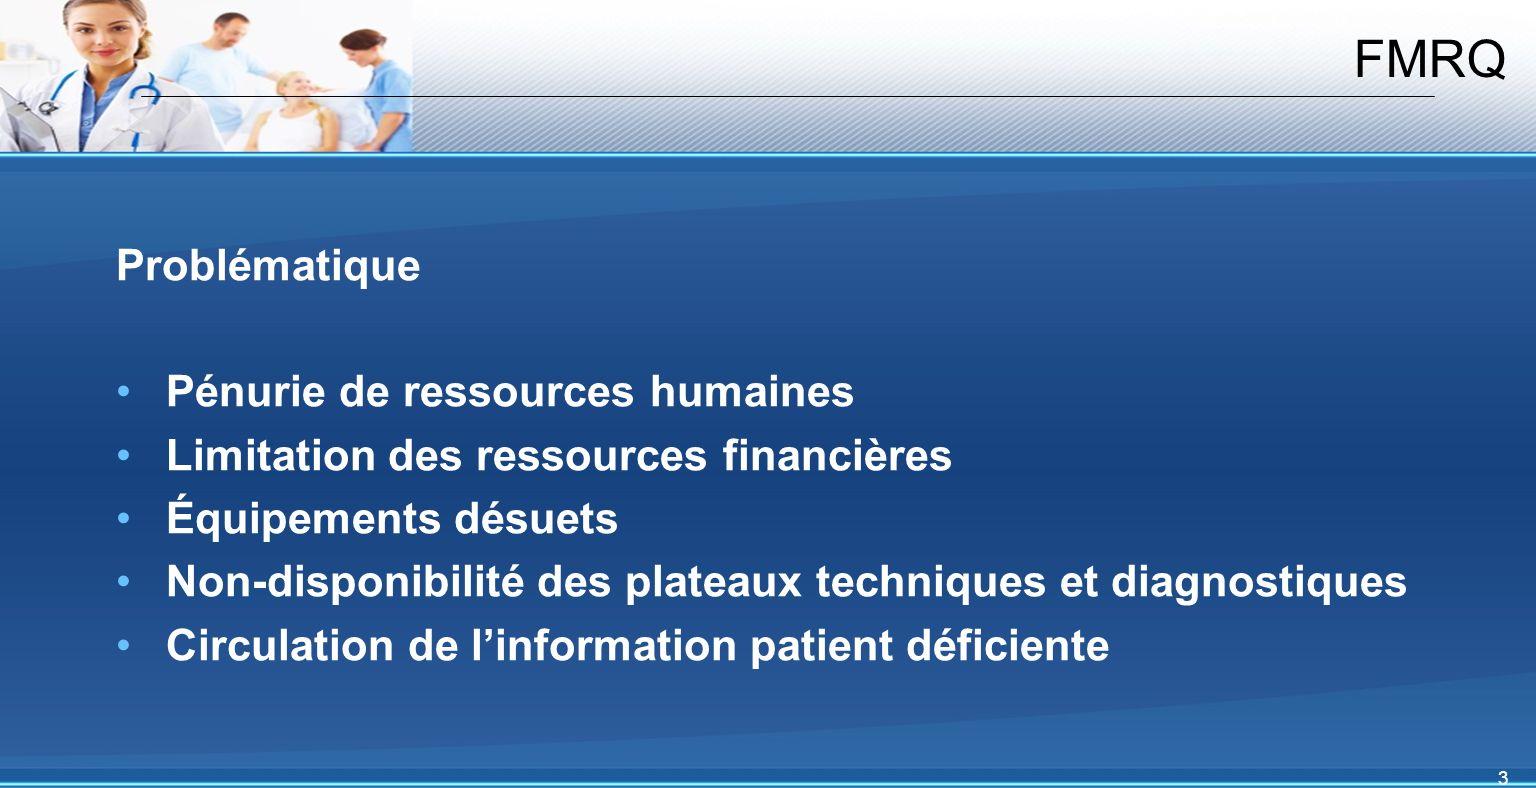 3 FMRQ Problématique Pénurie de ressources humaines Limitation des ressources financières Équipements désuets Non-disponibilité des plateaux techniques et diagnostiques Circulation de linformation patient déficiente